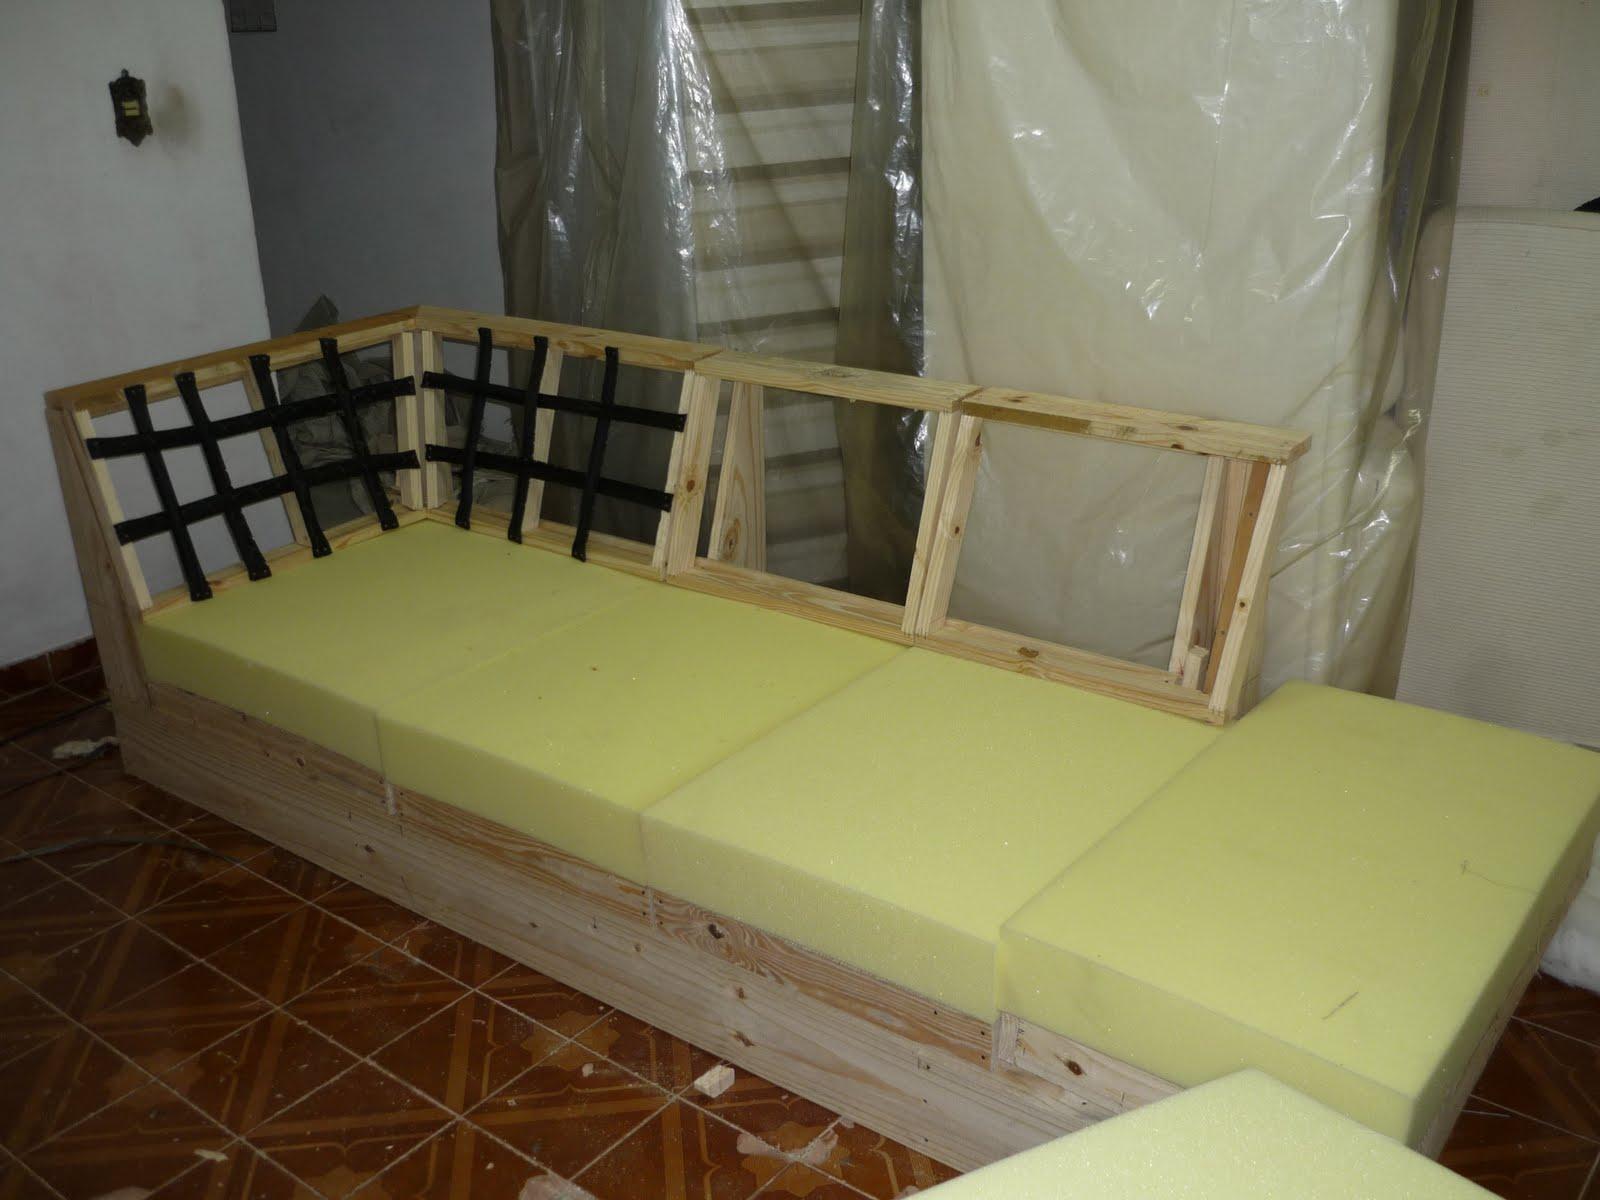 Reforma e fabricação de sofás: Processo de criação #5C4728 1600x1200